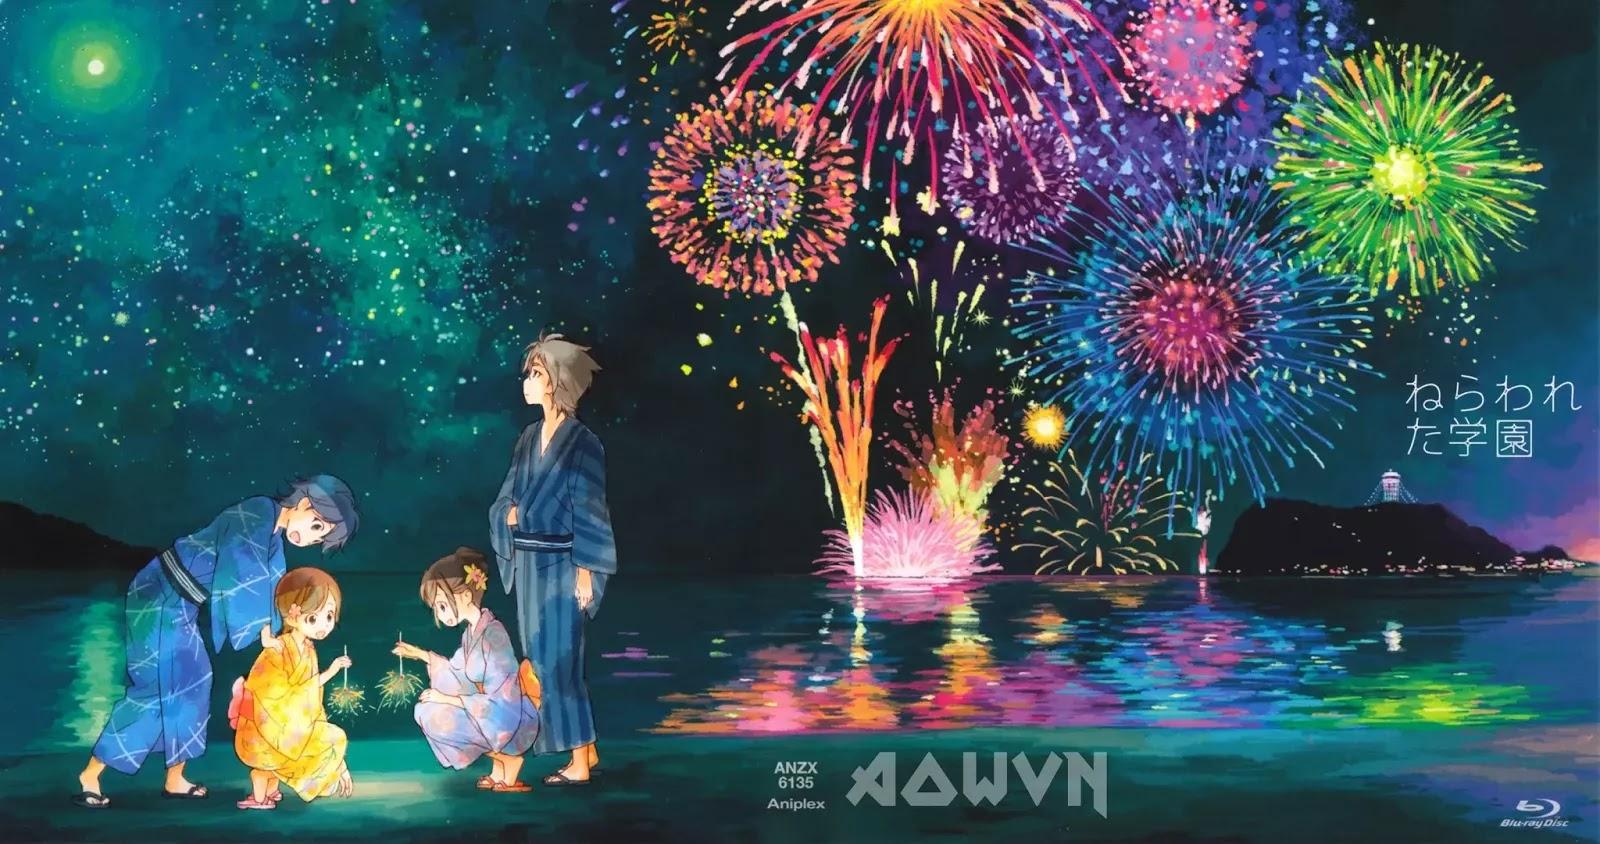 nerawareta aowvn - [ Full HD ] Nerawareta Gakuen – Học Viện Siêu Nhiên | Anime Vietsub Online – art siêu đẹp